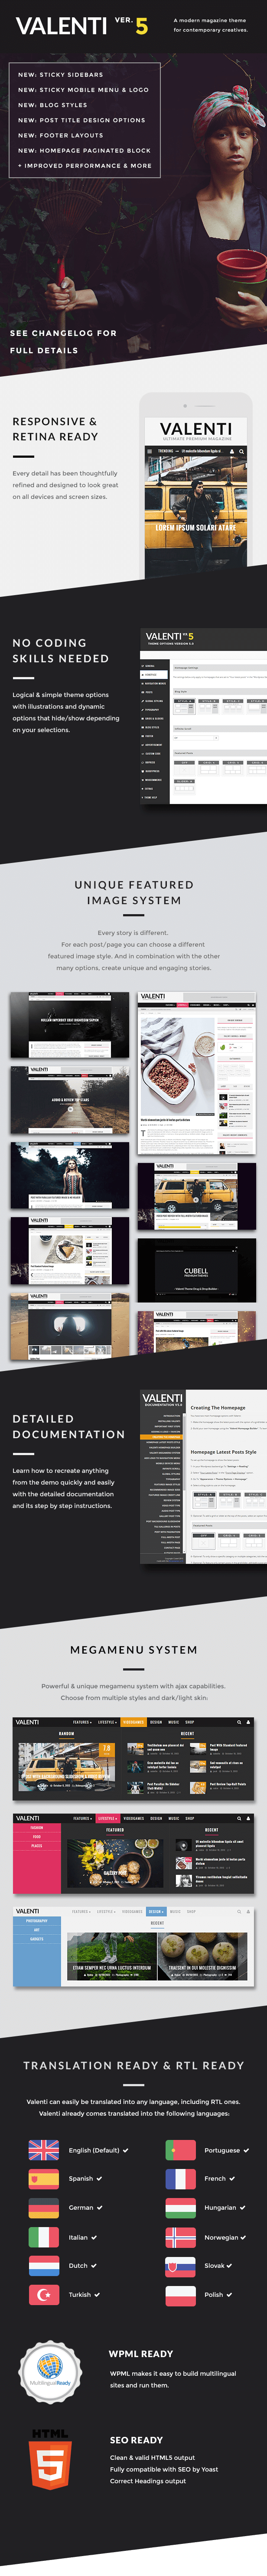 Valenti WordPress Magazin Thema für 2015 Funktionen